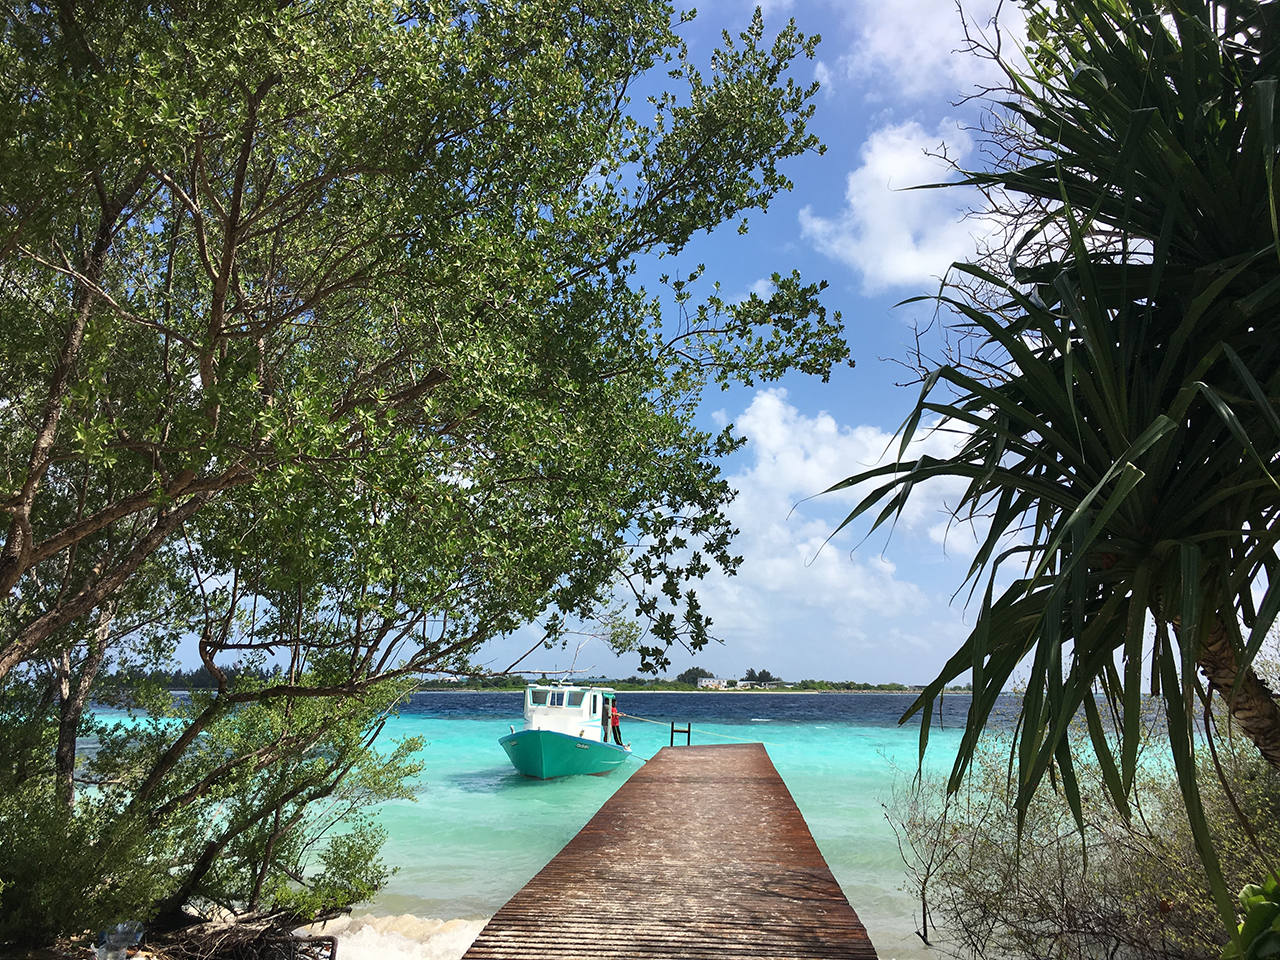 Отзывы об отдыхе на Мальдива